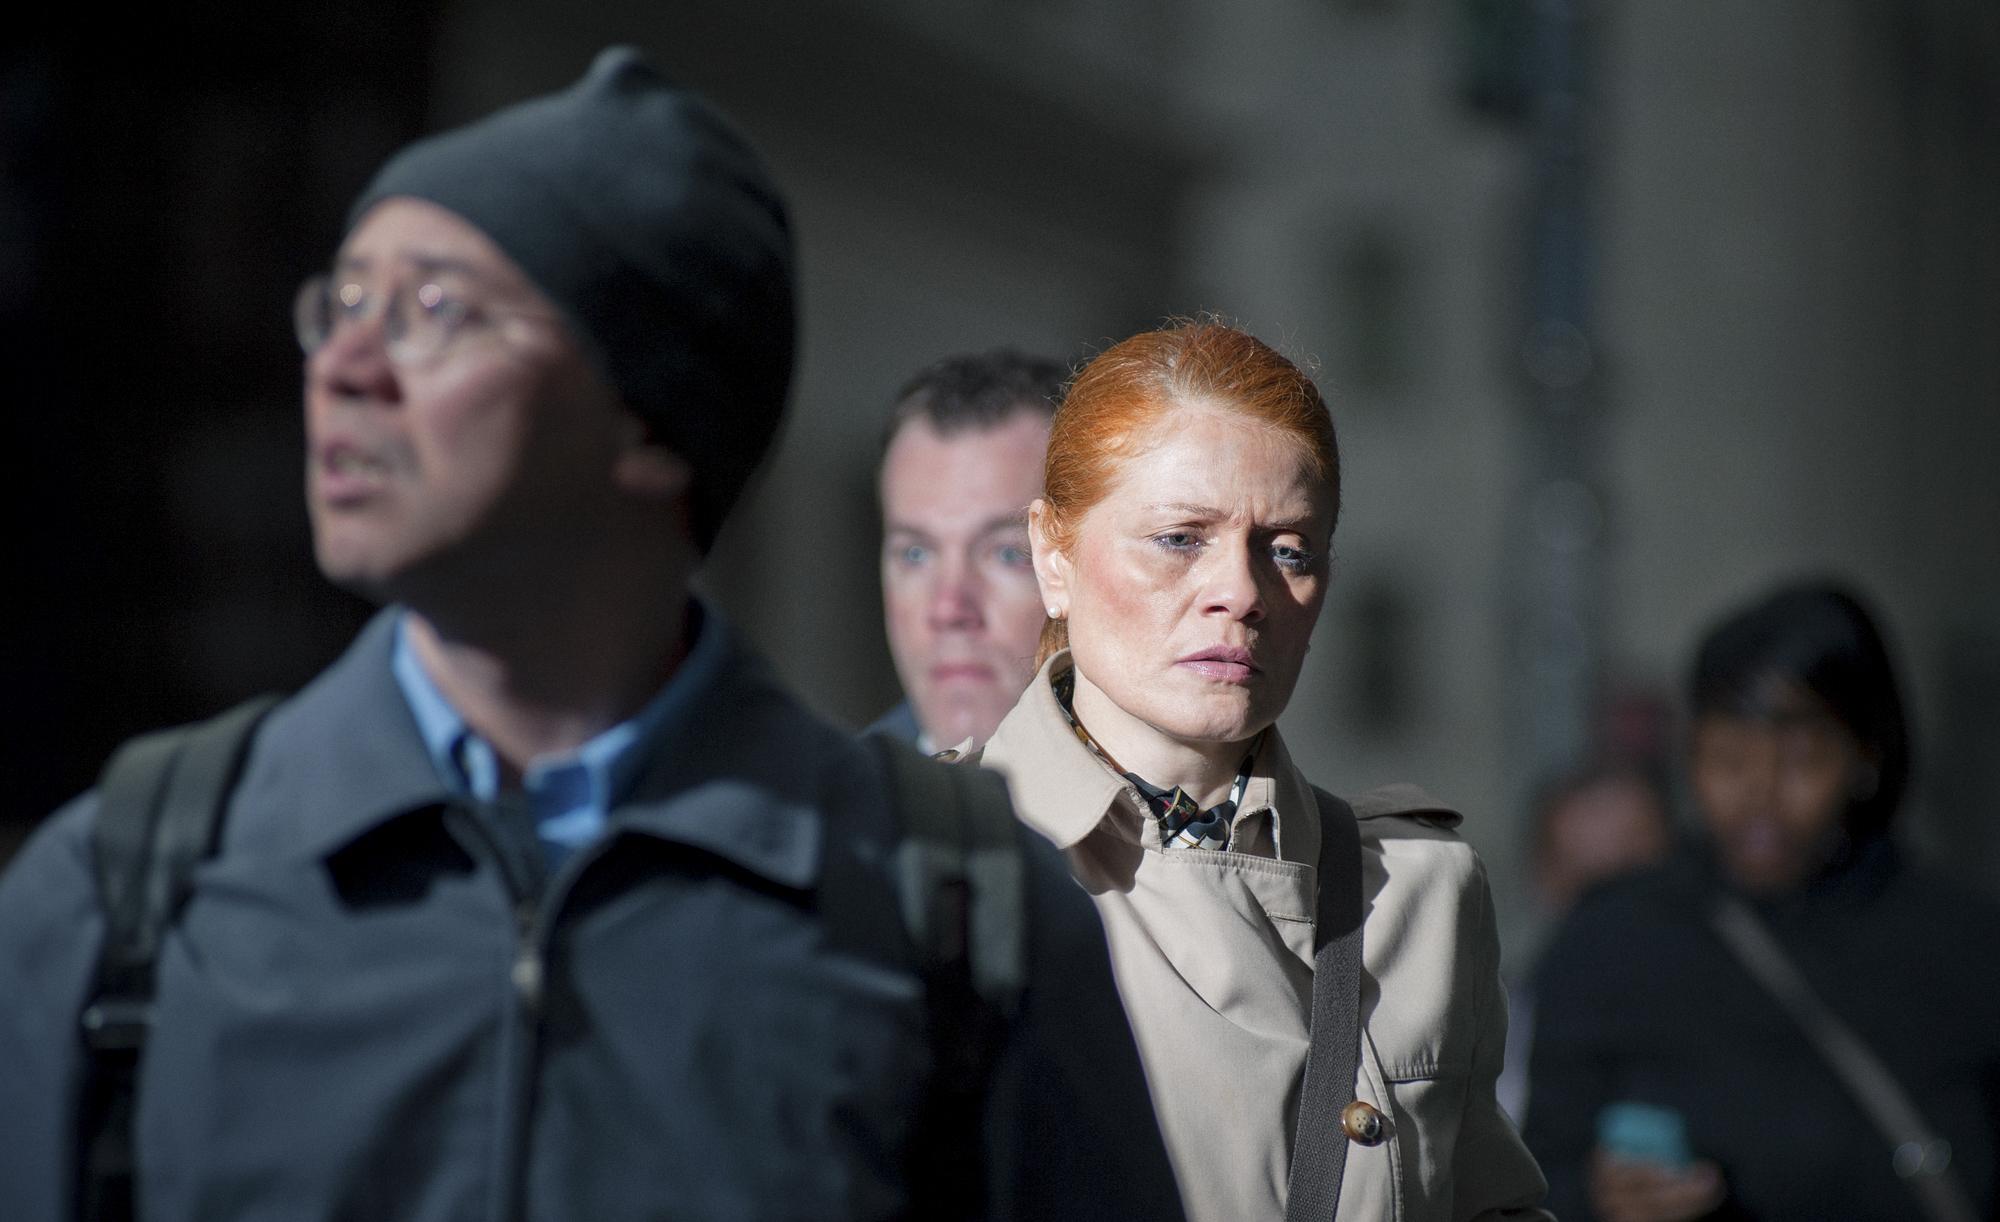 foto van vrouw in close up met rood haar die nadenkend kijkt tussen anderen op straat